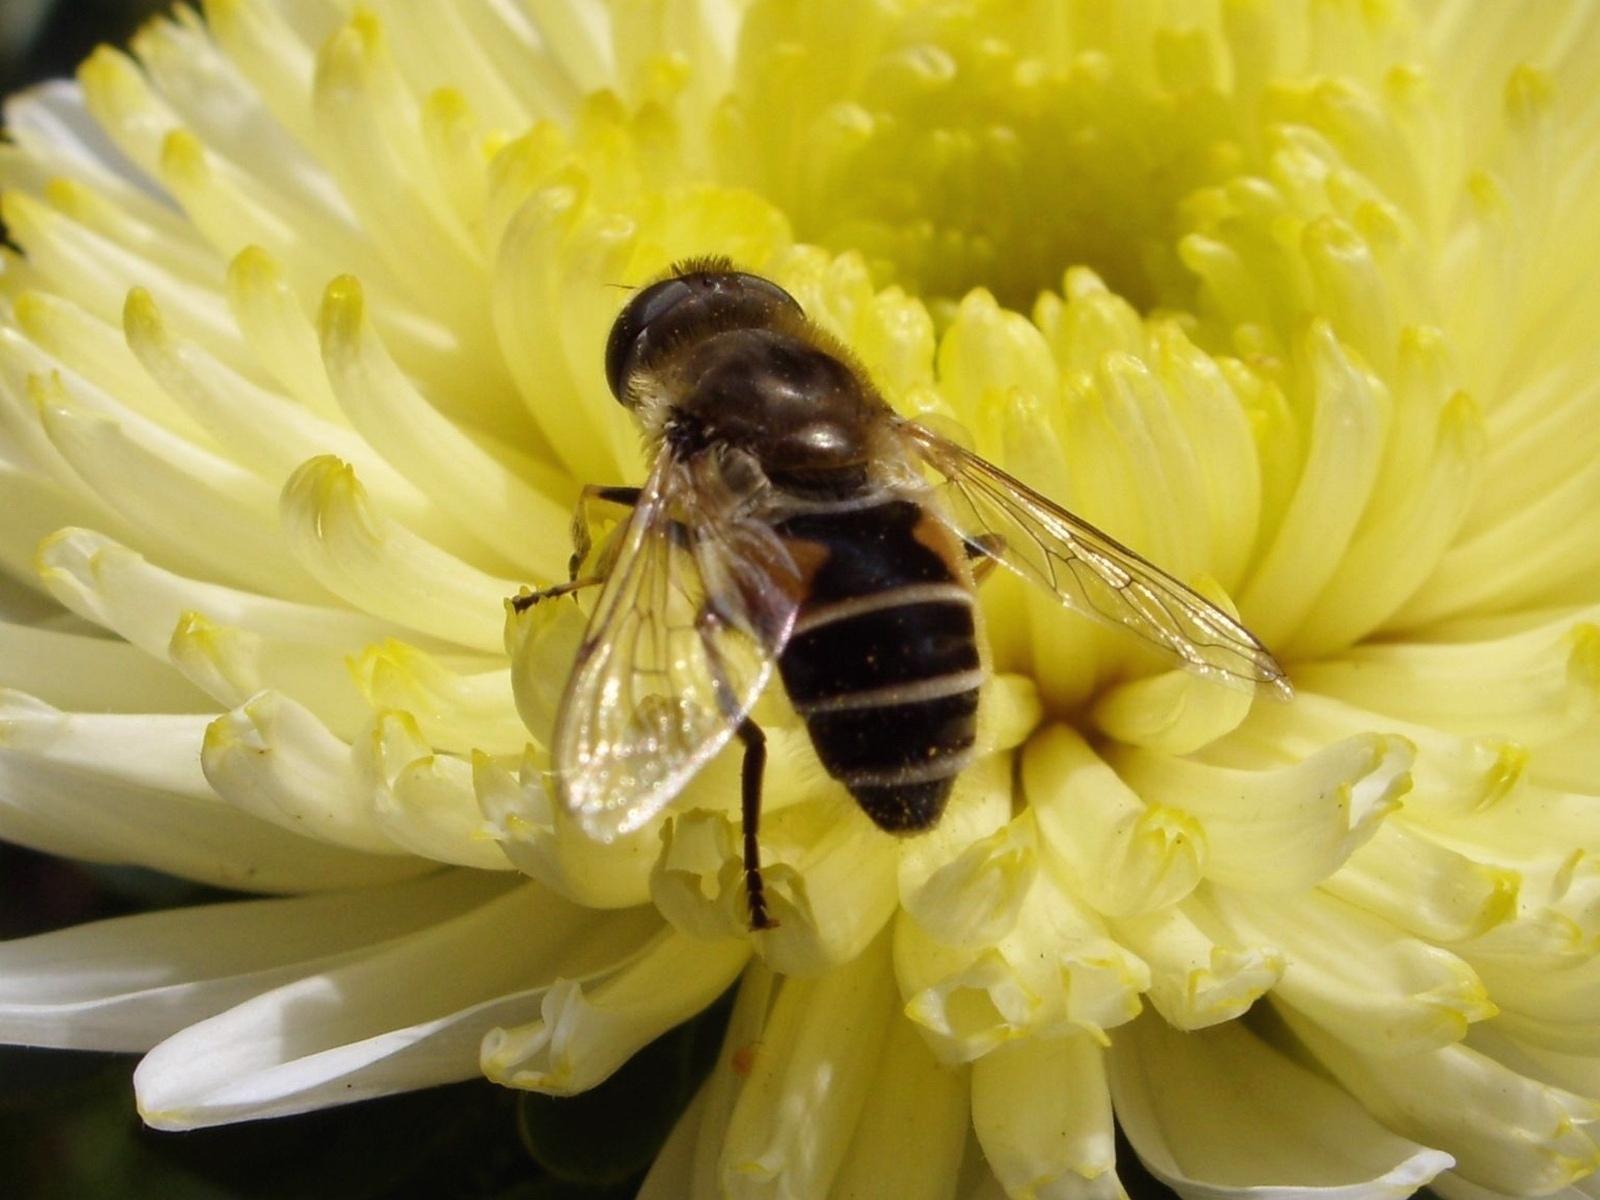 опубликовал фото пчела на цветке фотография ваш выбор прозрачная